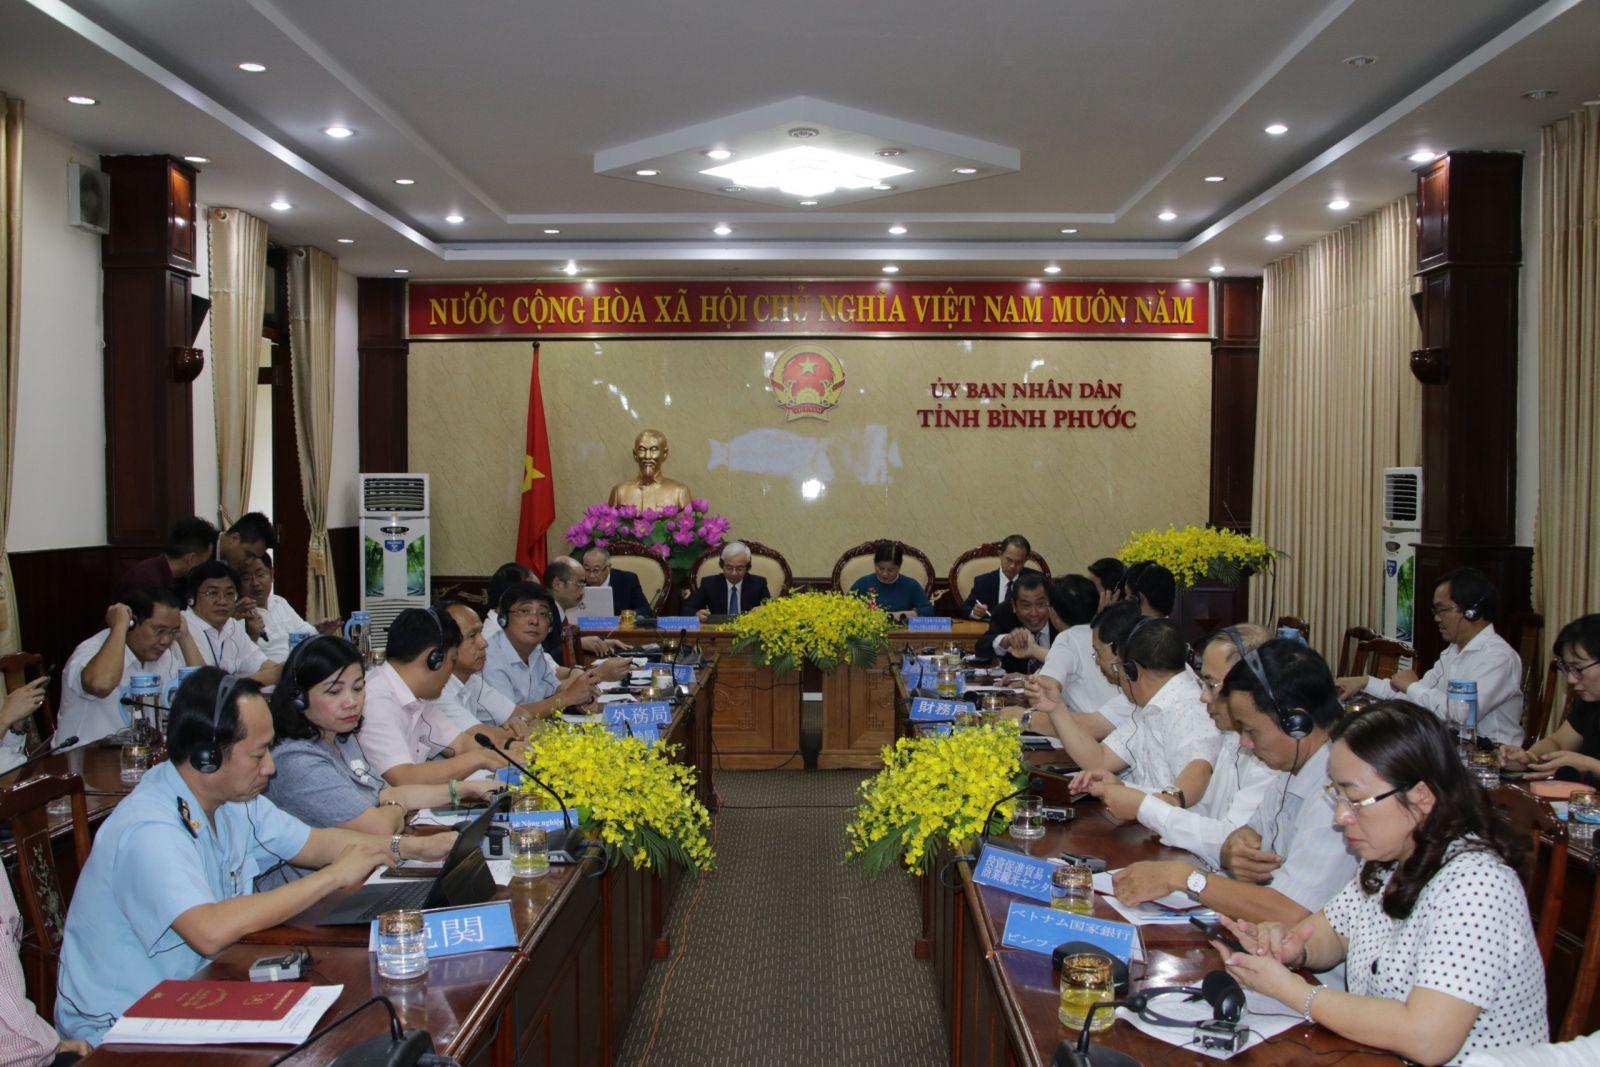 Quang cảnh hội nghị tại điểm cầu UBND tỉnh Bình Phước.